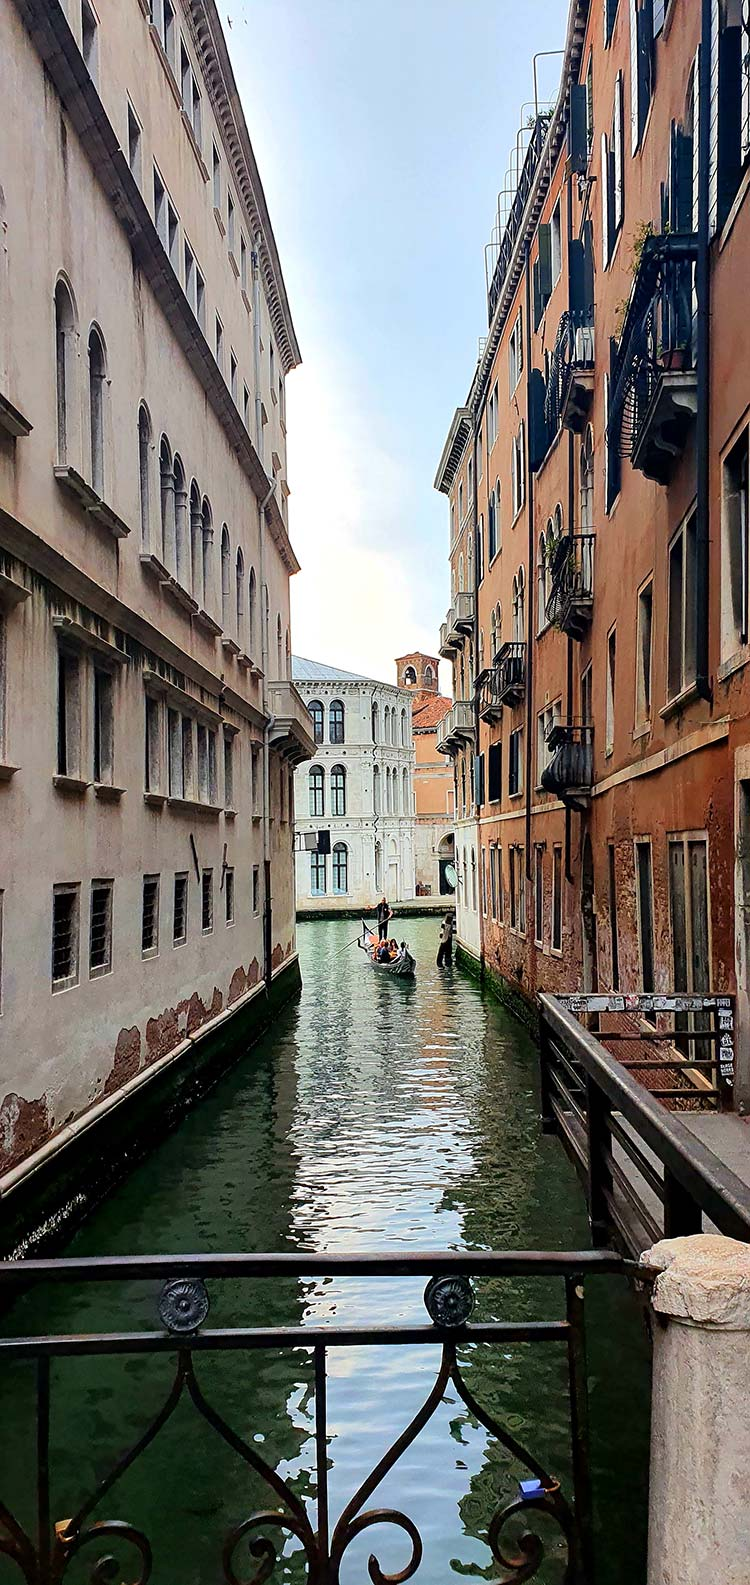 Gondola style in Venice 2021 (2)